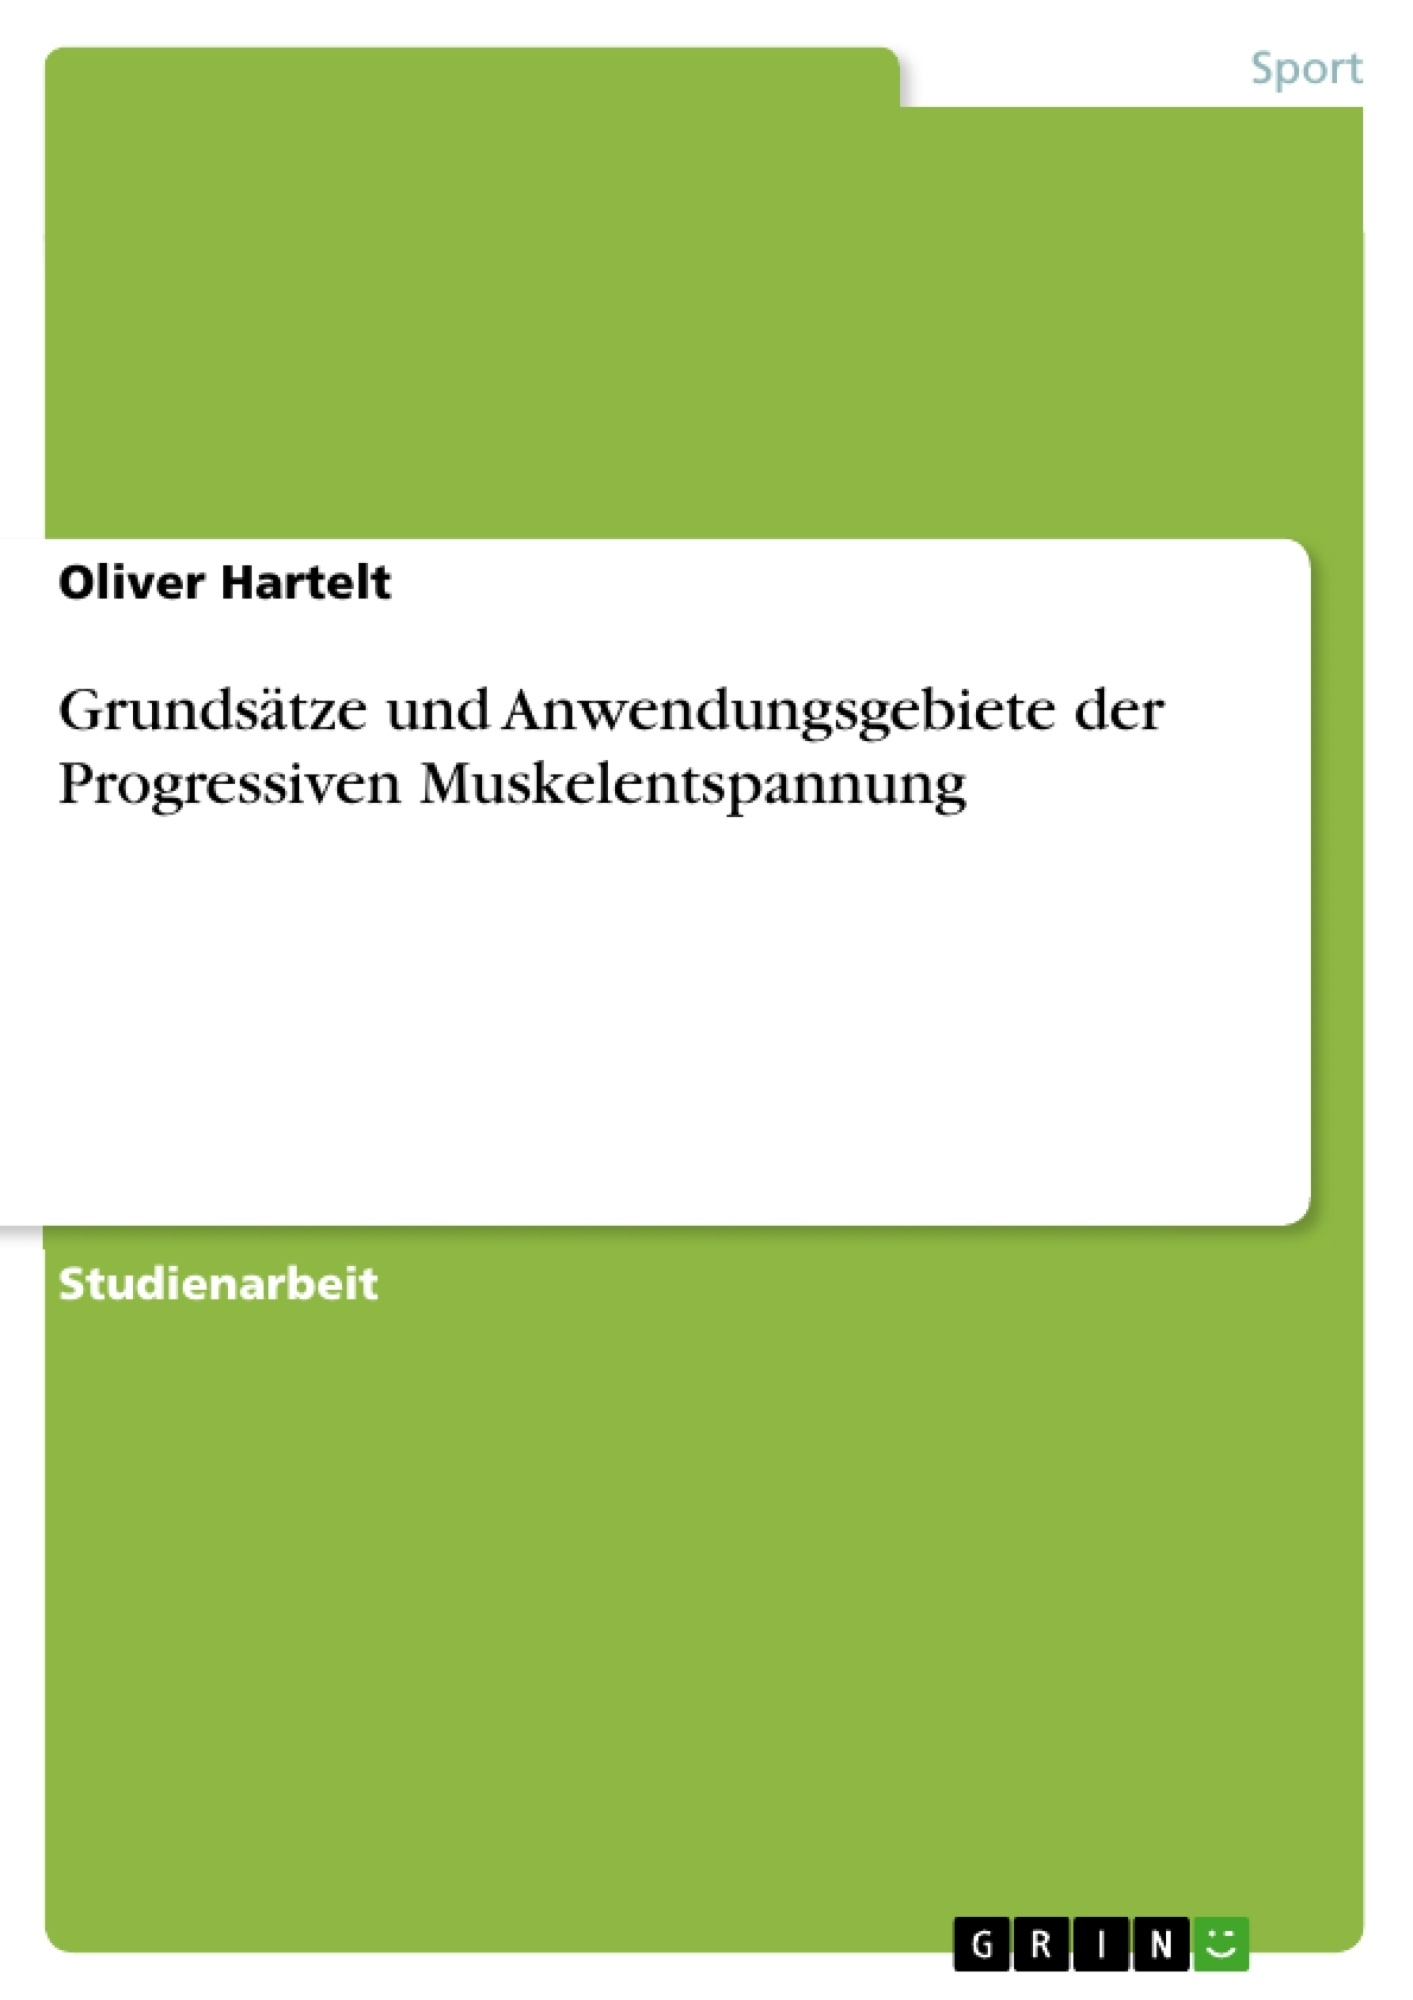 Titel: Grundsätze und Anwendungsgebiete der Progressiven Muskelentspannung